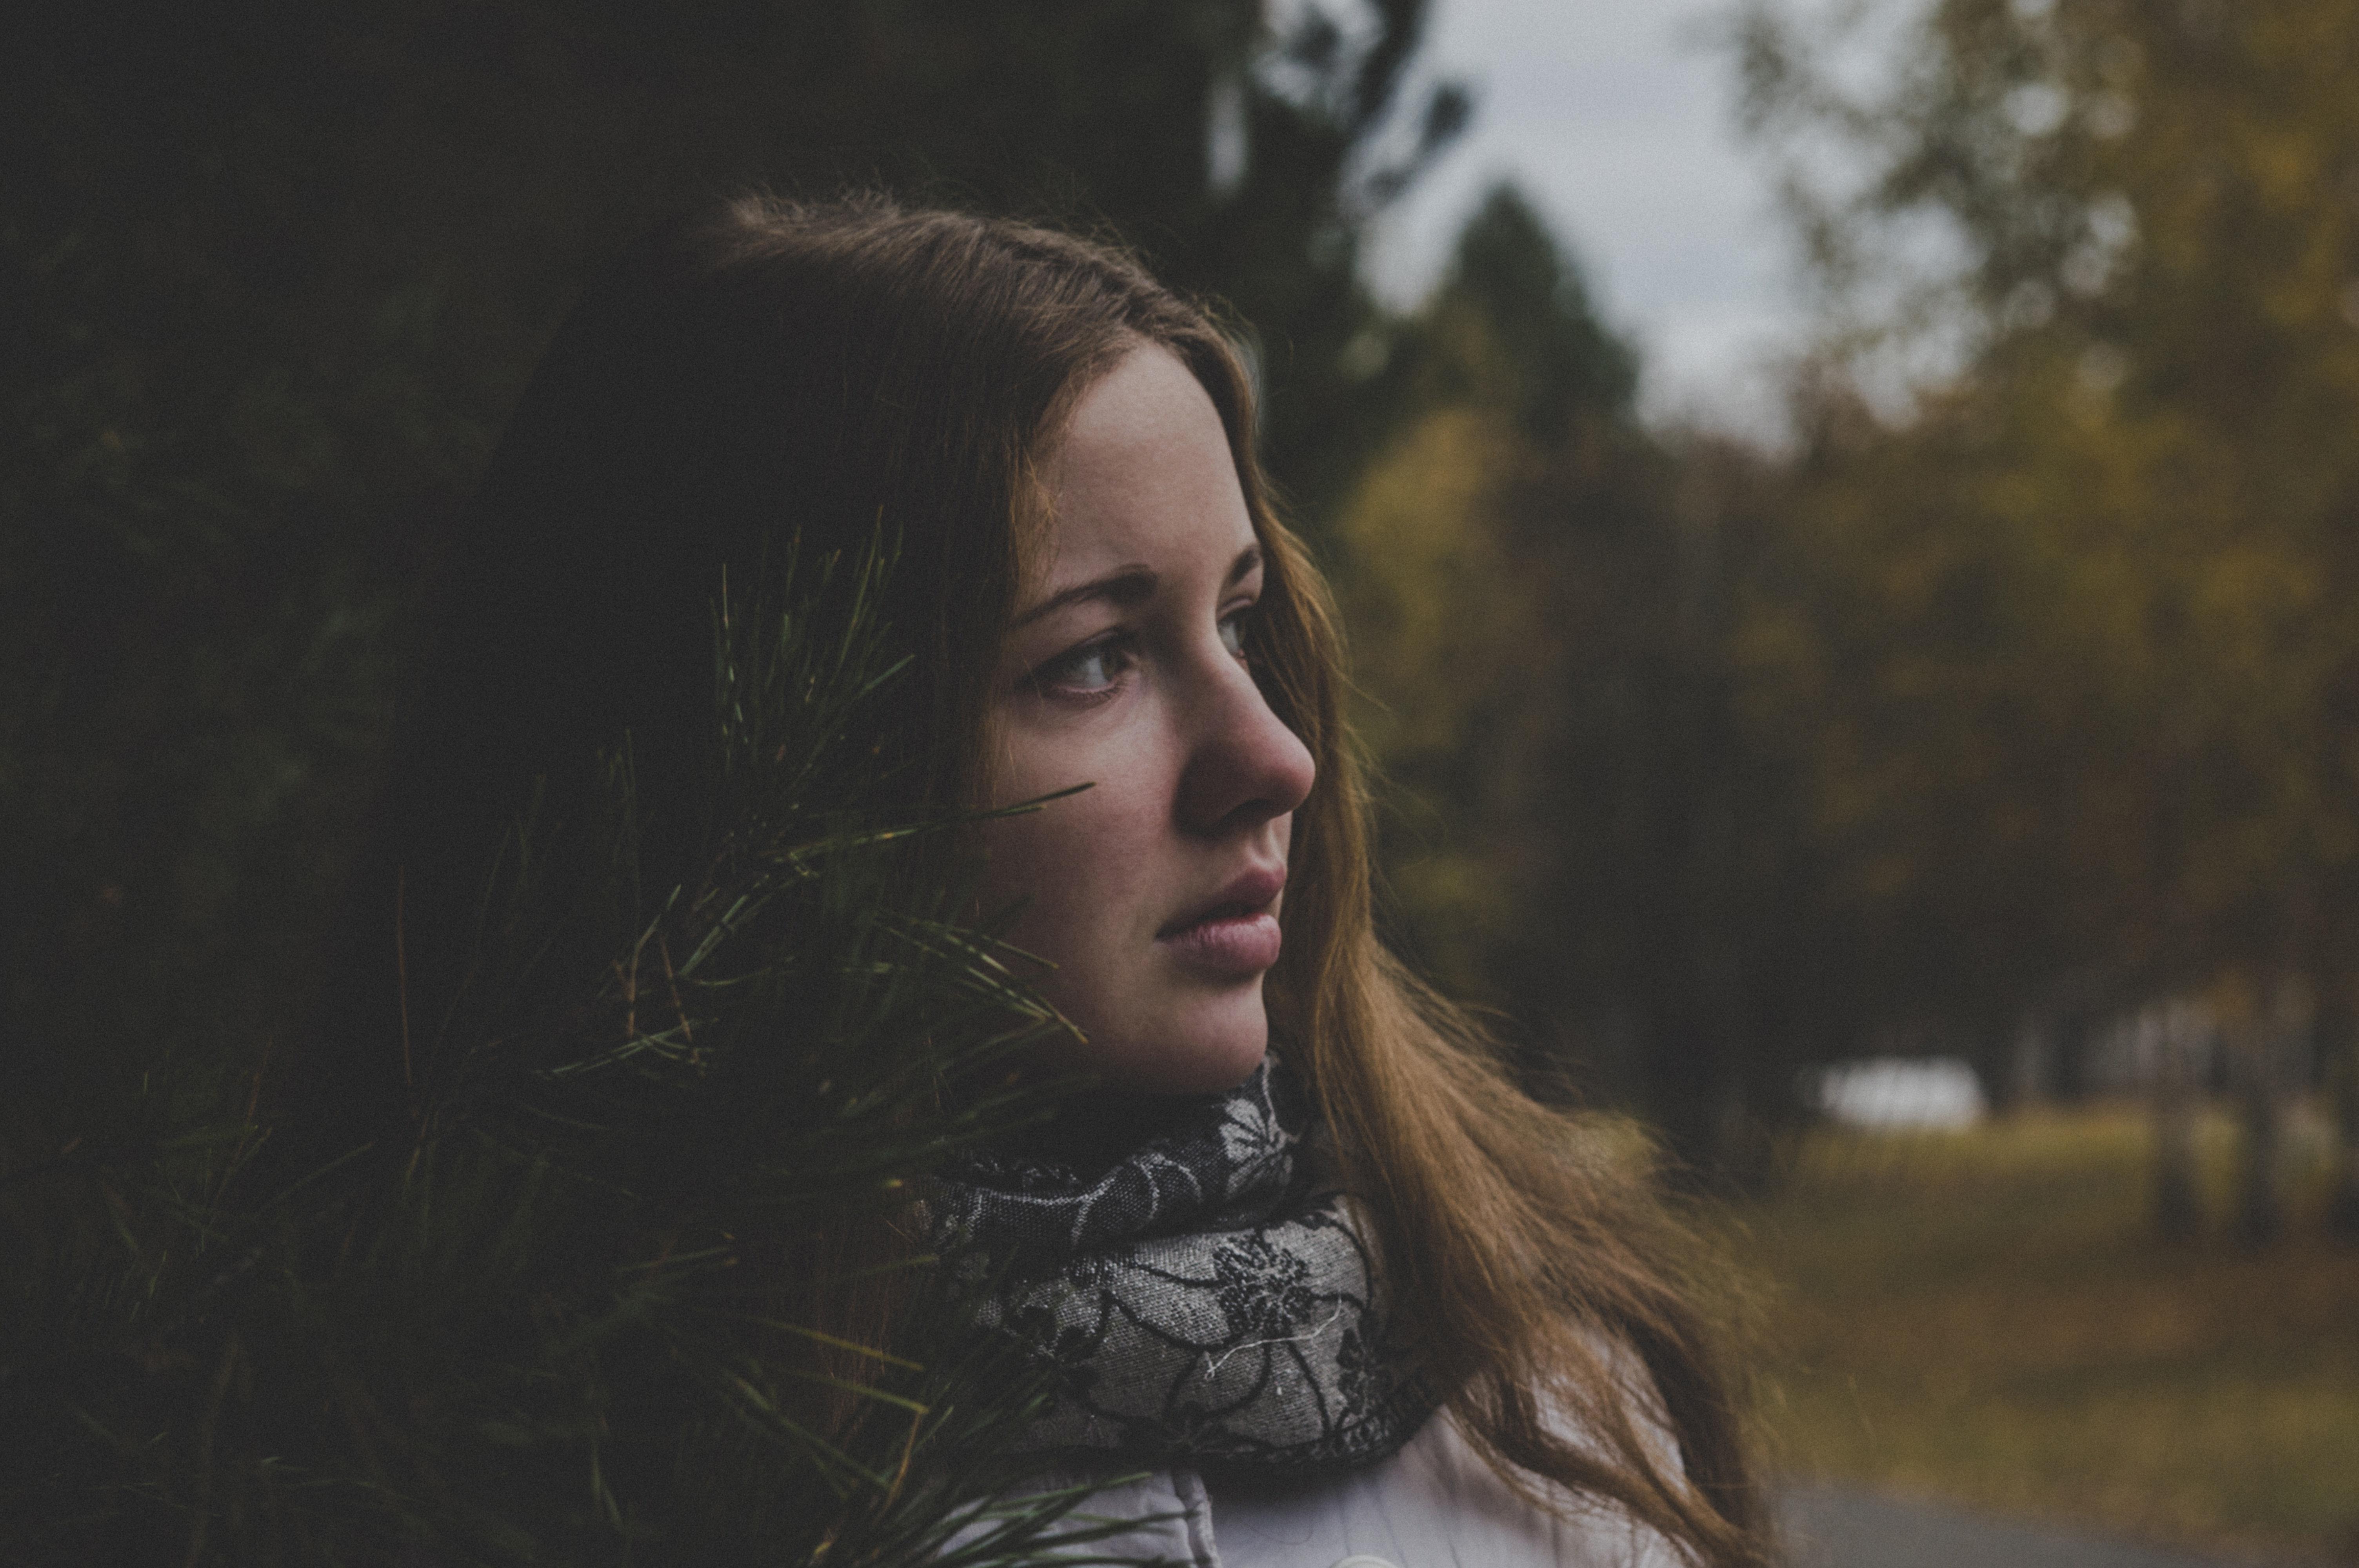 Portrait of a Woman, Landscape, Young, Woods, Woman, HQ Photo